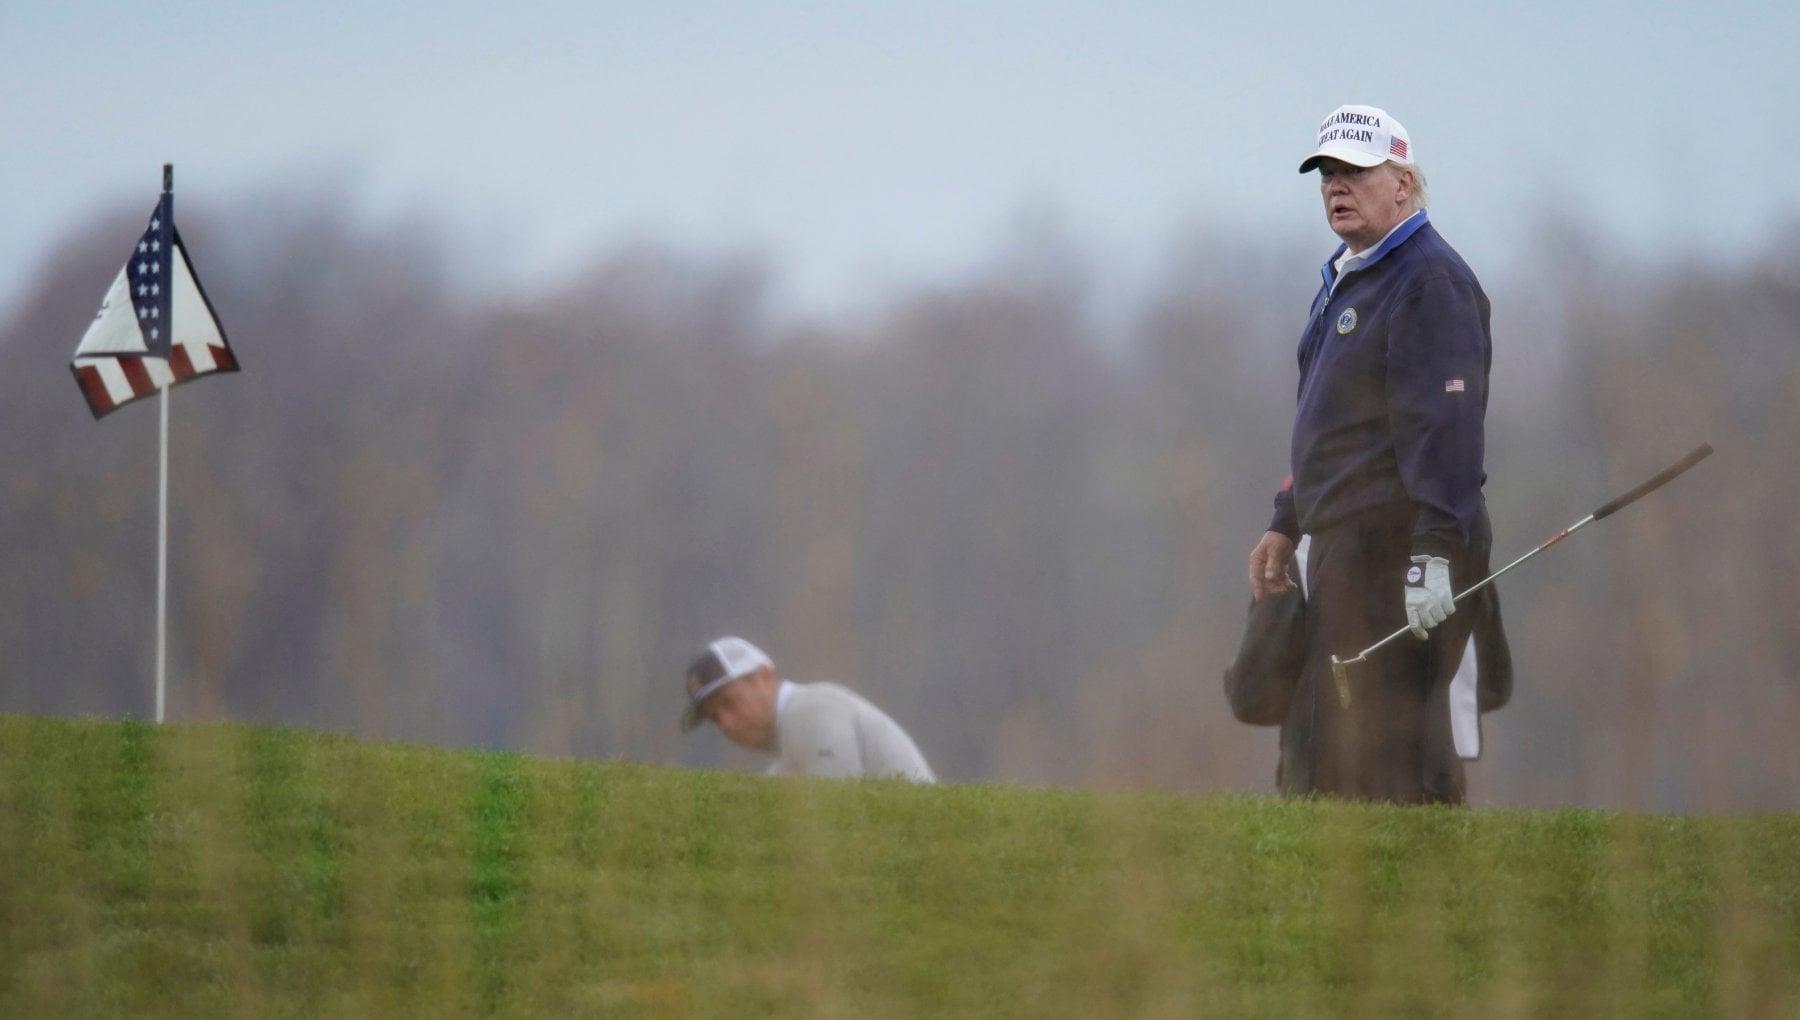 La premier Sturgeon contro Trump Niente golf in Scozia per evitare il giuramento di Biden